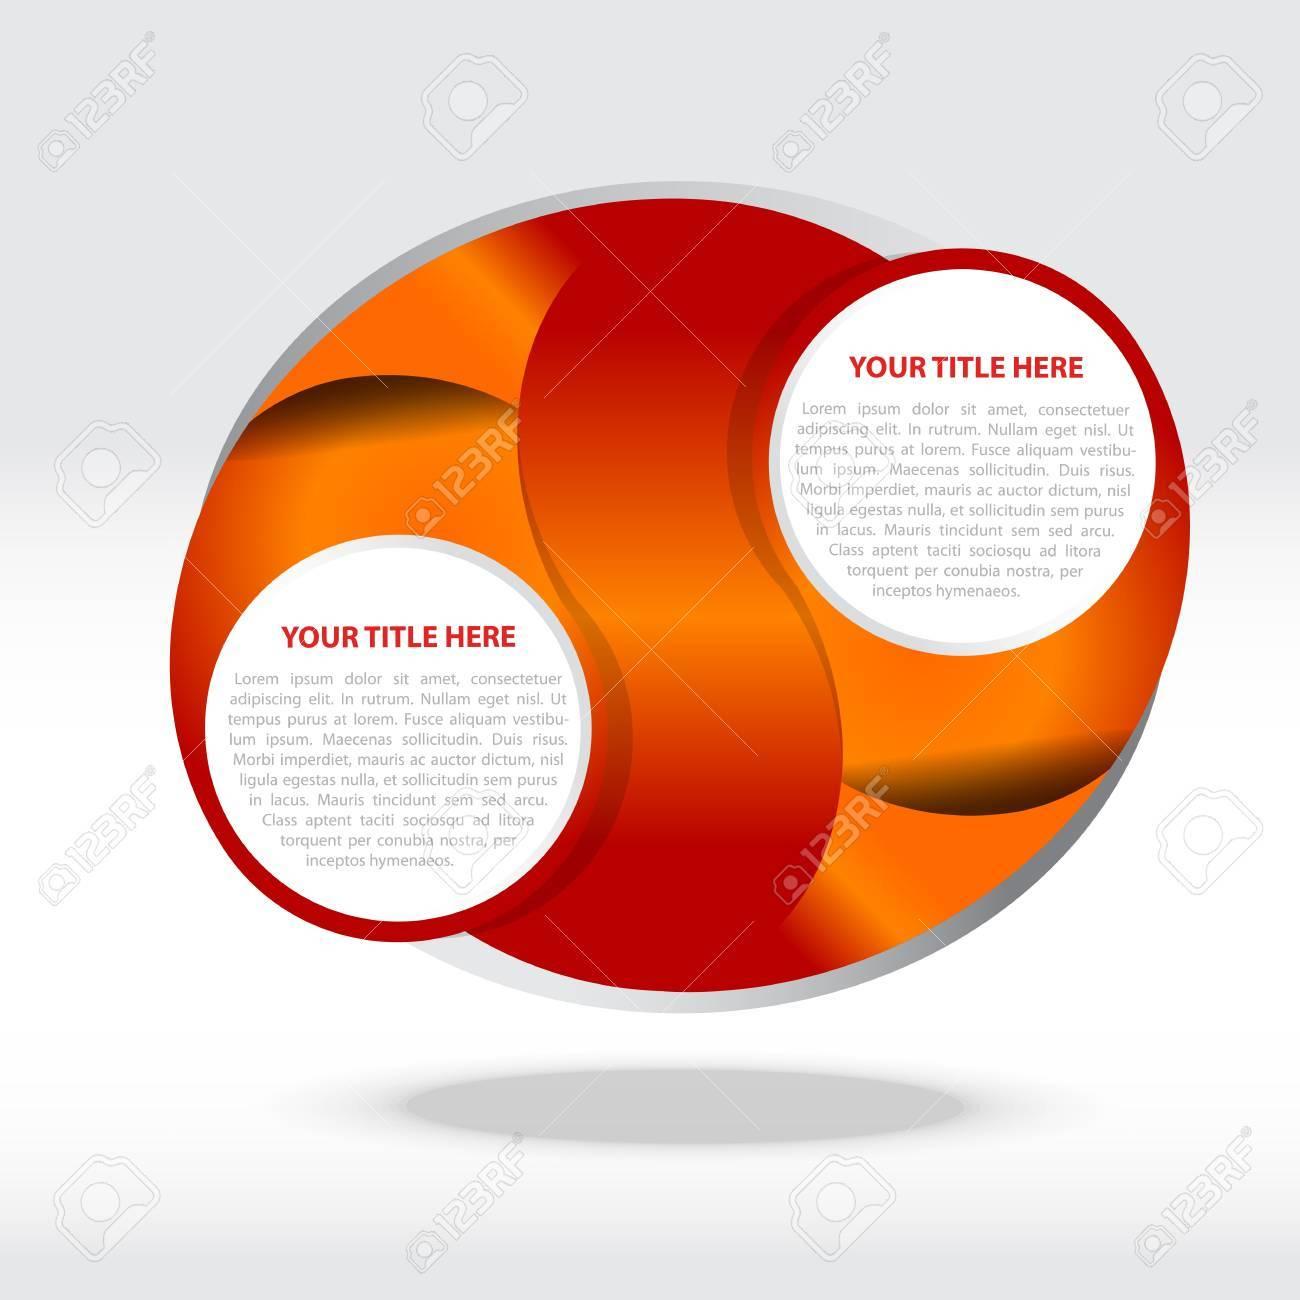 Zusammenfassung Orange Vektor Hintergrund Für Zwei Texte Lizenzfrei